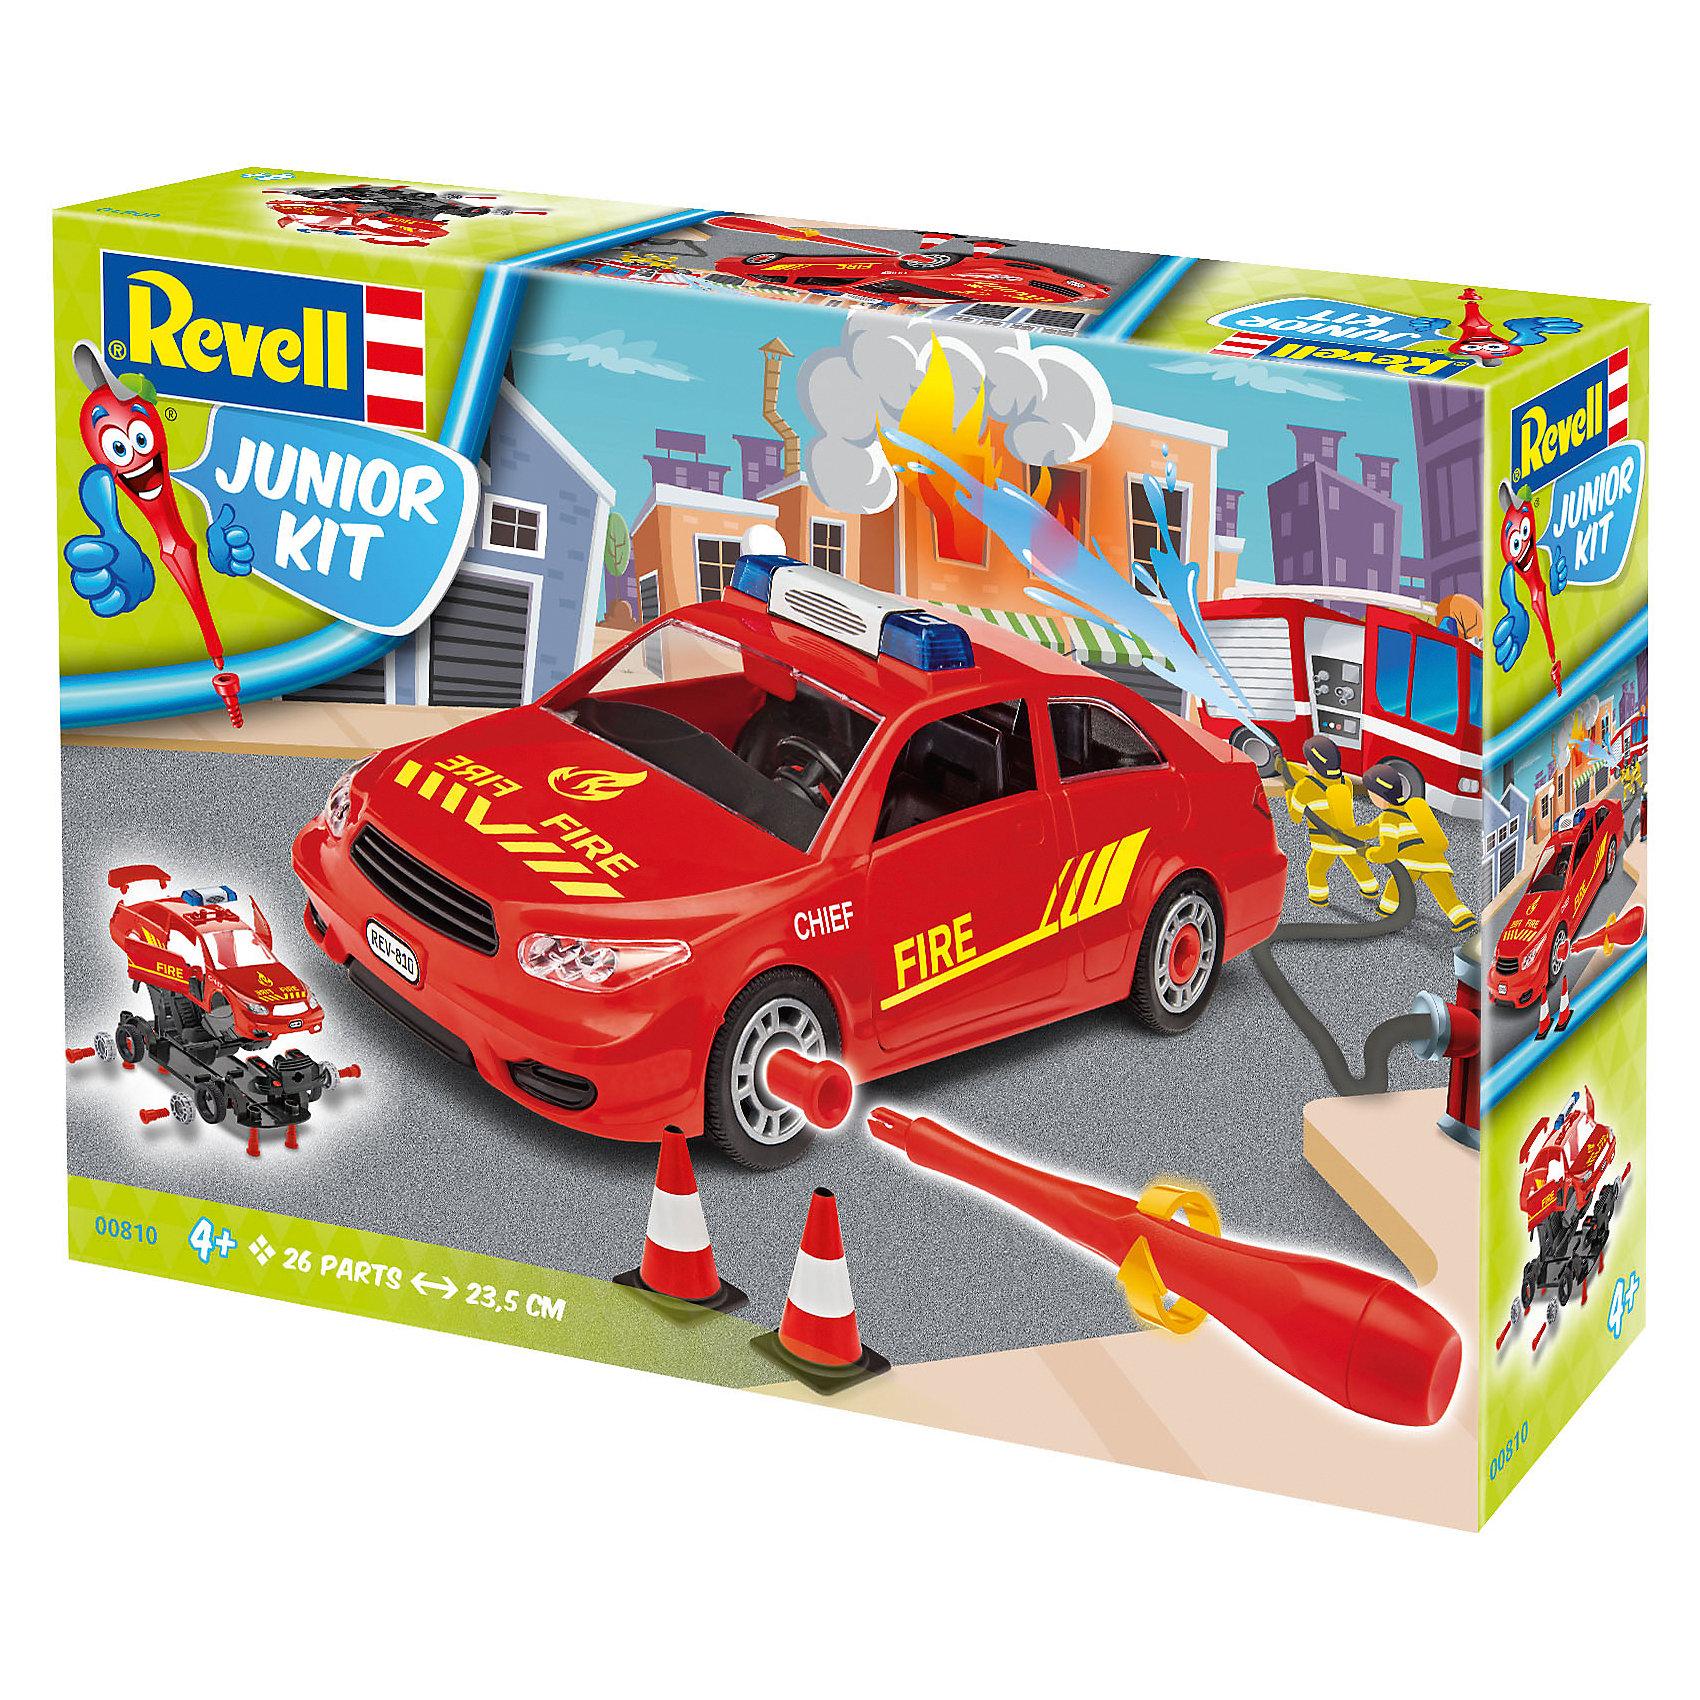 Набор для детей Пожарная легковая машинаМодели для склеивания<br>Характеристики товара:<br><br>• возраст: от 4 лет;<br>• цвет: красный;<br>• масштаб: 1:20;<br>• количество деталей: 30 шт;<br>• длина модели: 24 см.;<br>• материал: пластик; <br>• клей и краски в комплект не входят;<br>• бренд, страна бренда: Revell (Ревел),Германия;<br>• страна-изготовитель: Польша.<br><br>Набор для детей «Пожарная легковая машина» поможет вам и вашему ребенку придумать увлекательное занятие на долгое время, а также получить замечательную игрушку. Модель имеет интересный дизайн и очень хорошо детализирована.<br><br>С помощью 26 пластиковых деталей, наклеек, инструкции и пластиковой отвертки из набора ребенок соберет машину скорой помощи. Модель имеет интересный дизайн и очень хорошо детализирована. Колеса машинки вращаются. Двери и капот открываются. Собранная модель может послужить мальчику интересной игрушкой. Кроме того, ребенок может разобрать автомобиль и попробовать собрать его снова за более короткий промежуток времени.<br><br>Сборка модели поможет развить мелкую моторику рук, познакомит с техническим творчеством и обучит ребенка работе с простейшими инструментами. <br><br>Набор для детей «Пожарная легковая машина», 26 дет., Revell (Ревел) можно купить в нашем интернет-магазине.<br><br>Ширина мм: 380<br>Глубина мм: 234<br>Высота мм: 78<br>Вес г: 500<br>Возраст от месяцев: 48<br>Возраст до месяцев: 96<br>Пол: Мужской<br>Возраст: Детский<br>SKU: 5311342